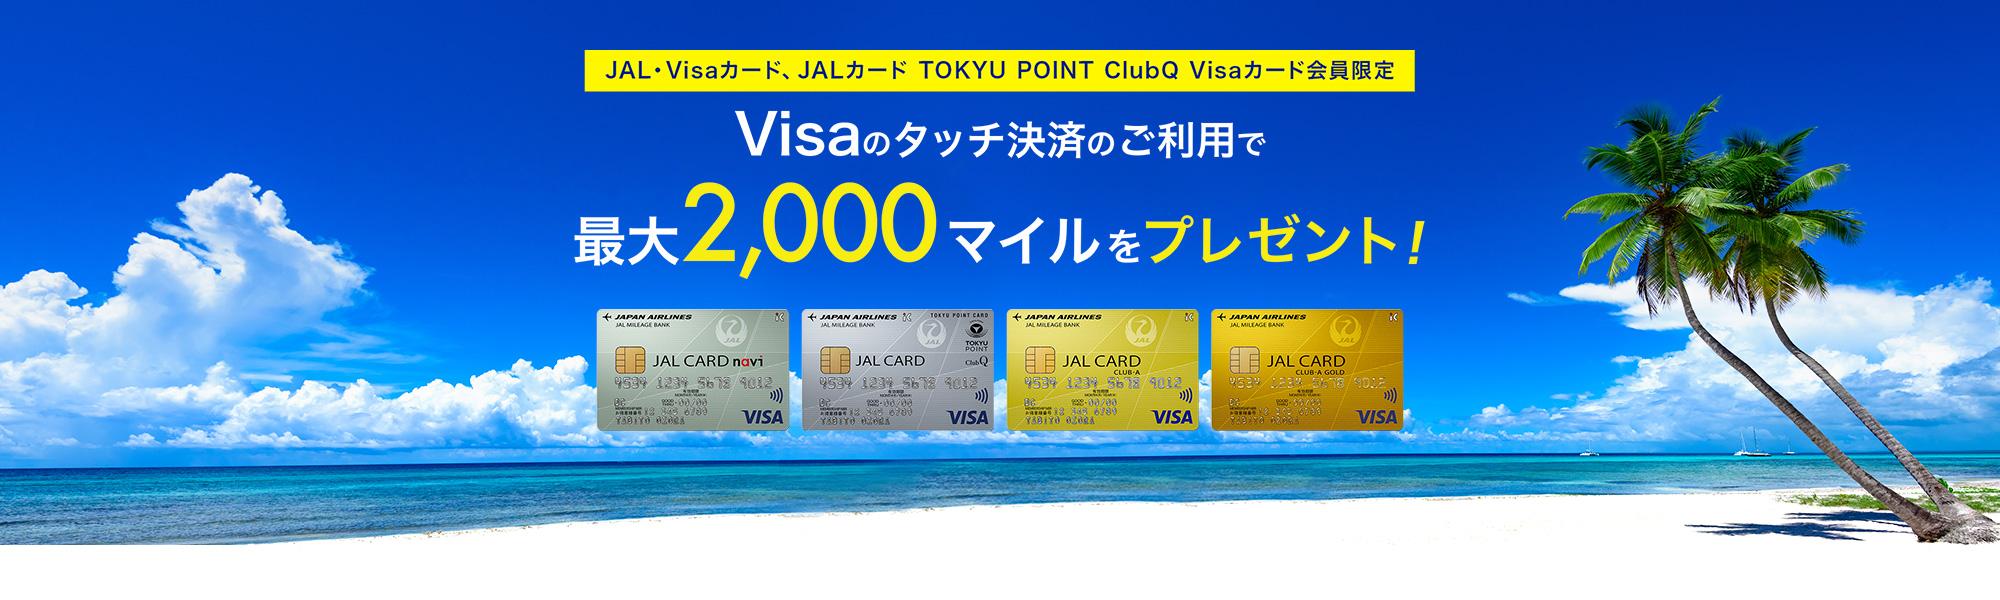 JALカードのVisaタッチ決済キャンペーン